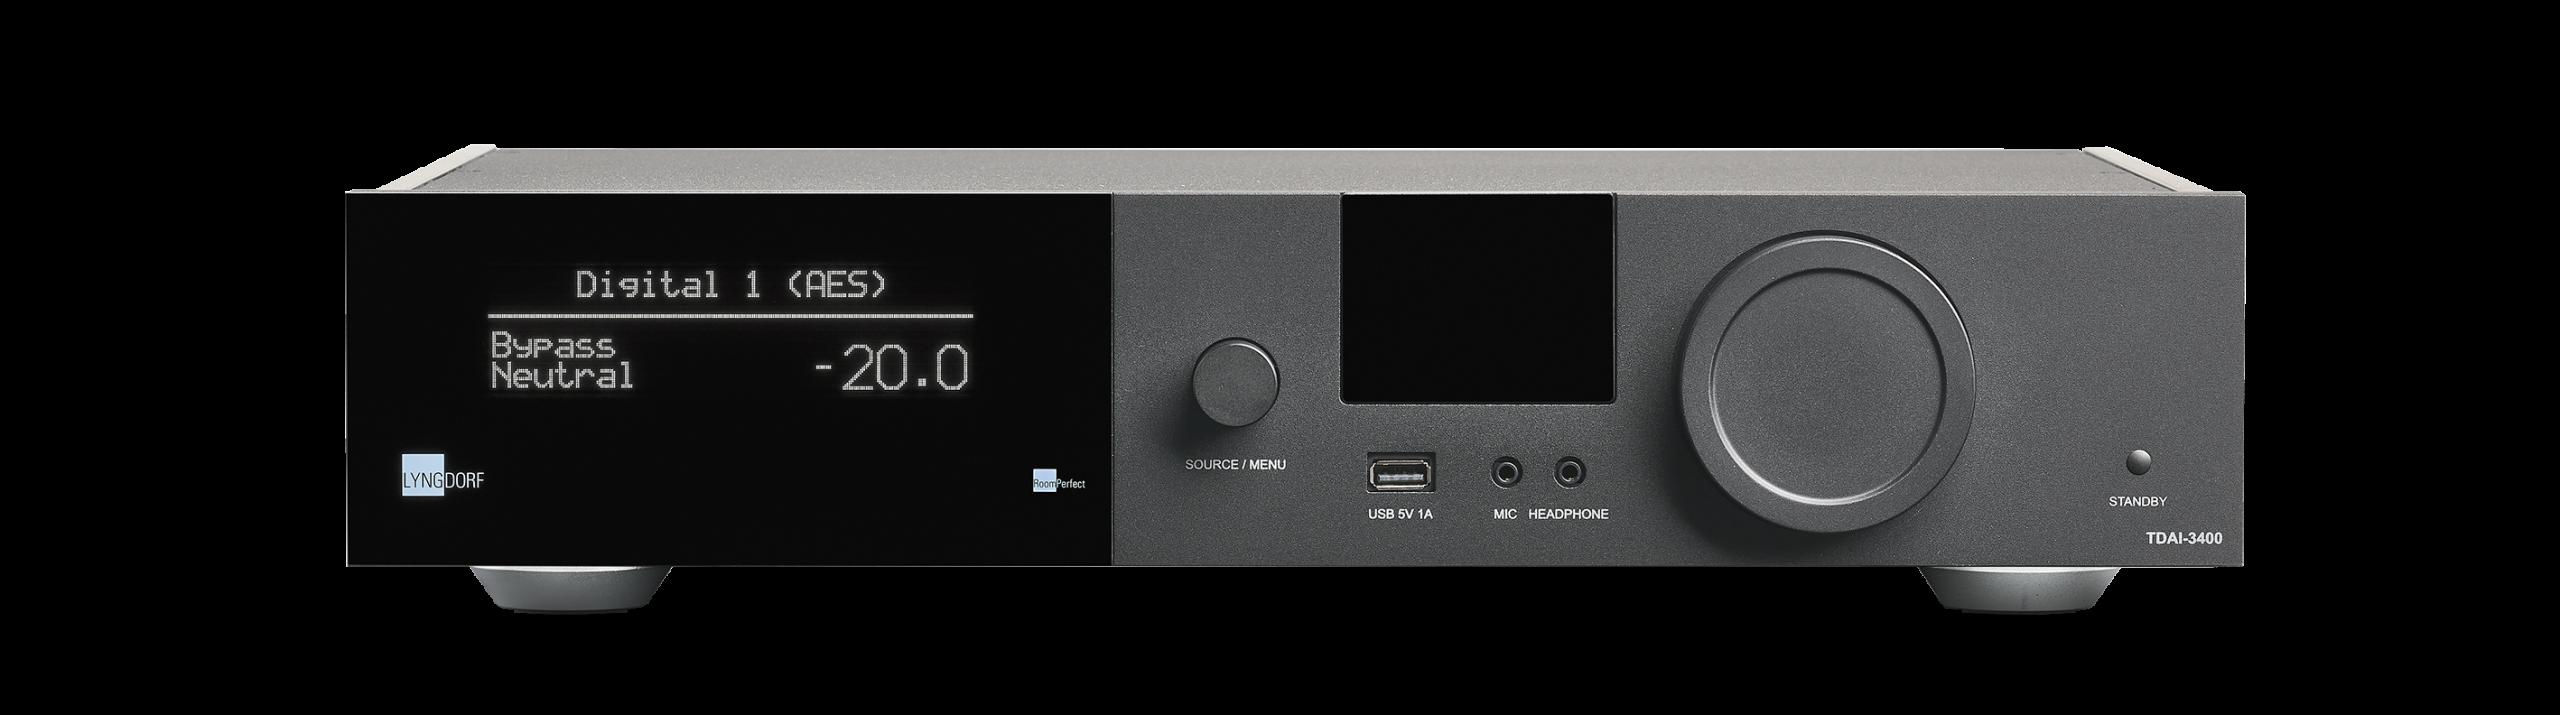 Lyngdorf TDAI-3400